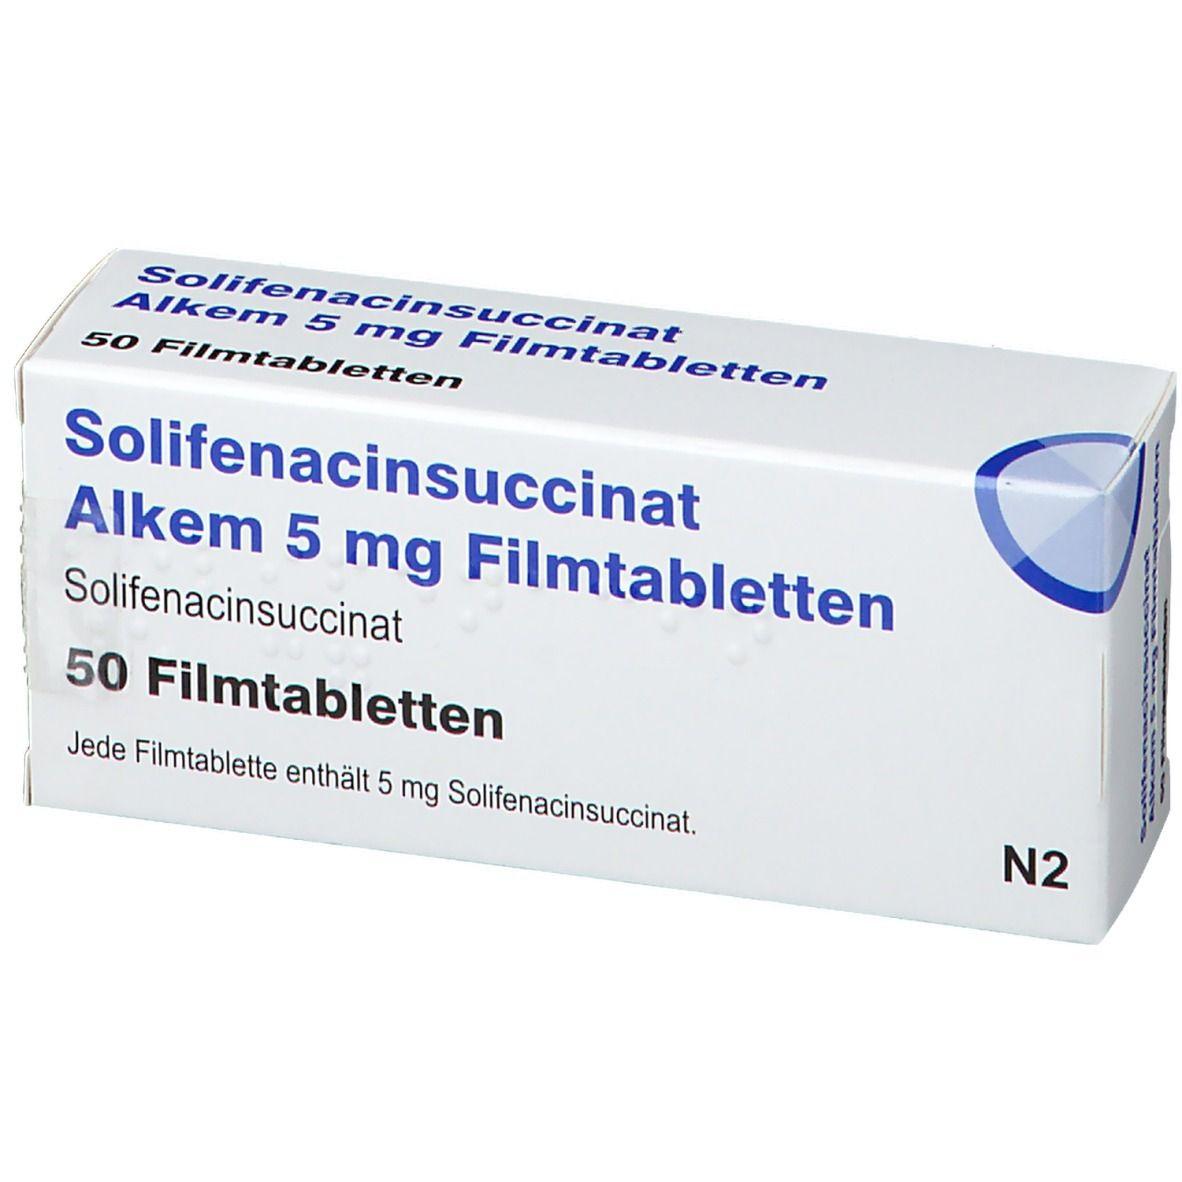 SOLIFENACINSUCCINAT Alkem 5 mg Filmtabletten